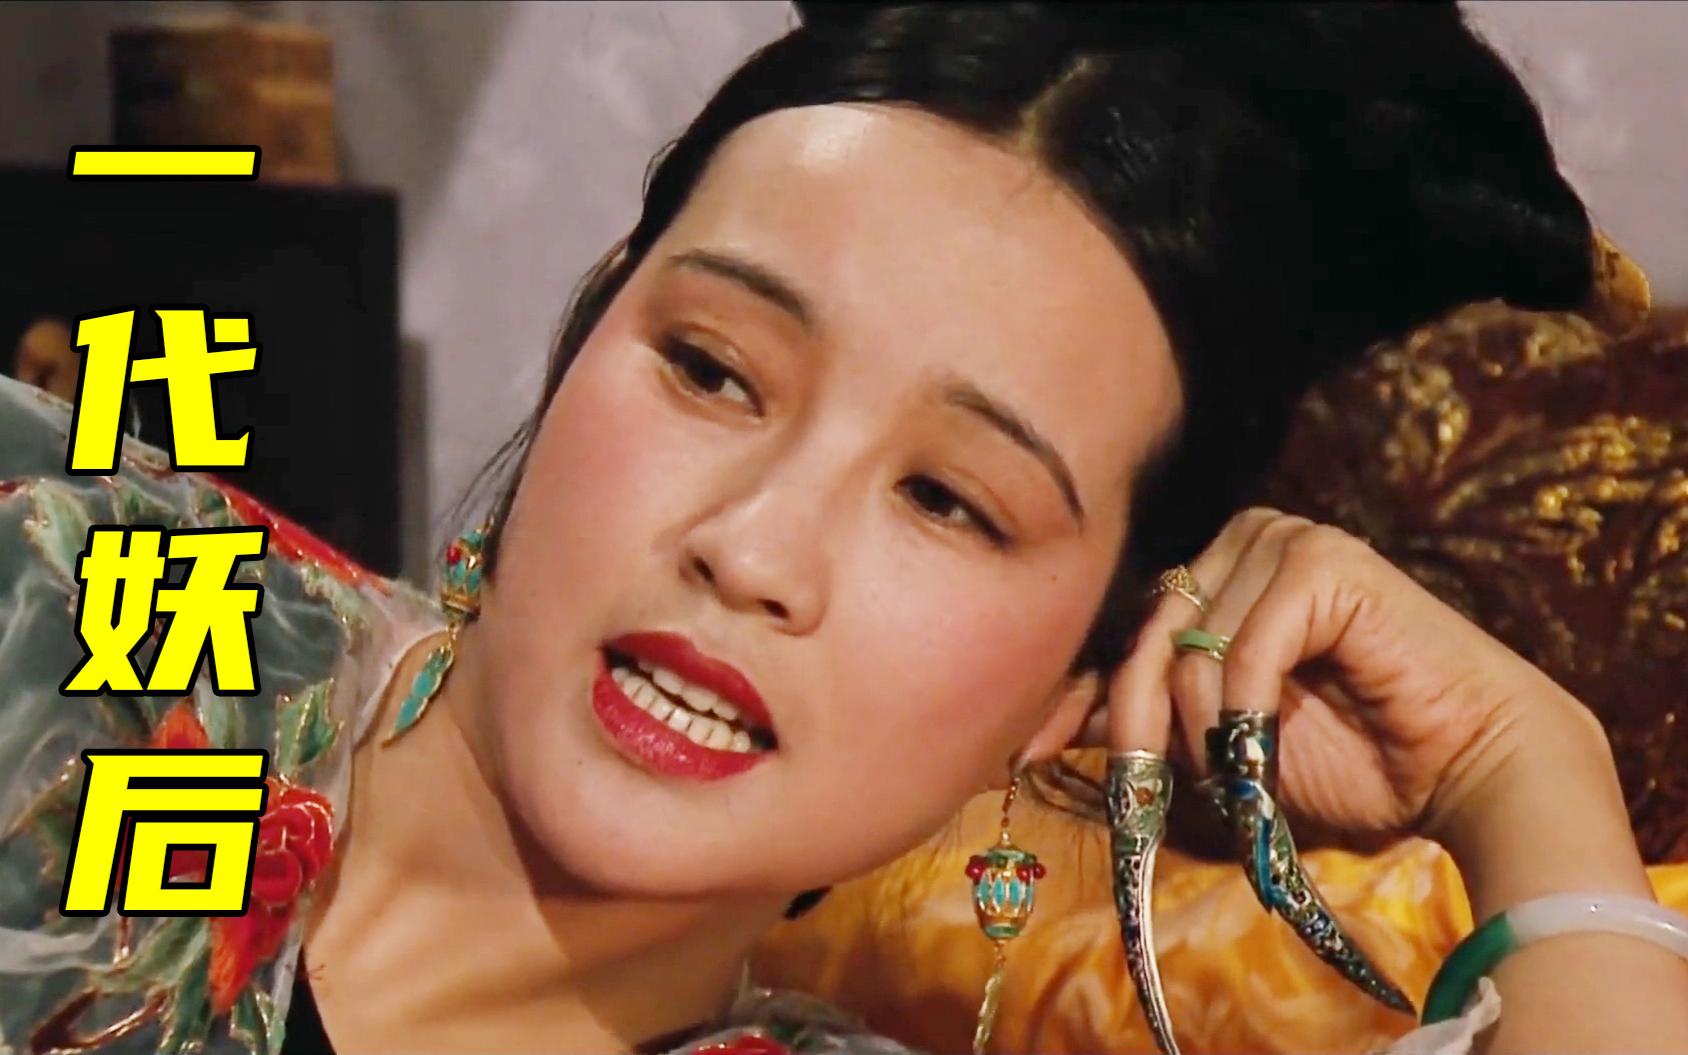 【阿斗】刘晓庆颜值巅峰之作,故宫实地取景,再也拍不出来的经典《一代妖后》